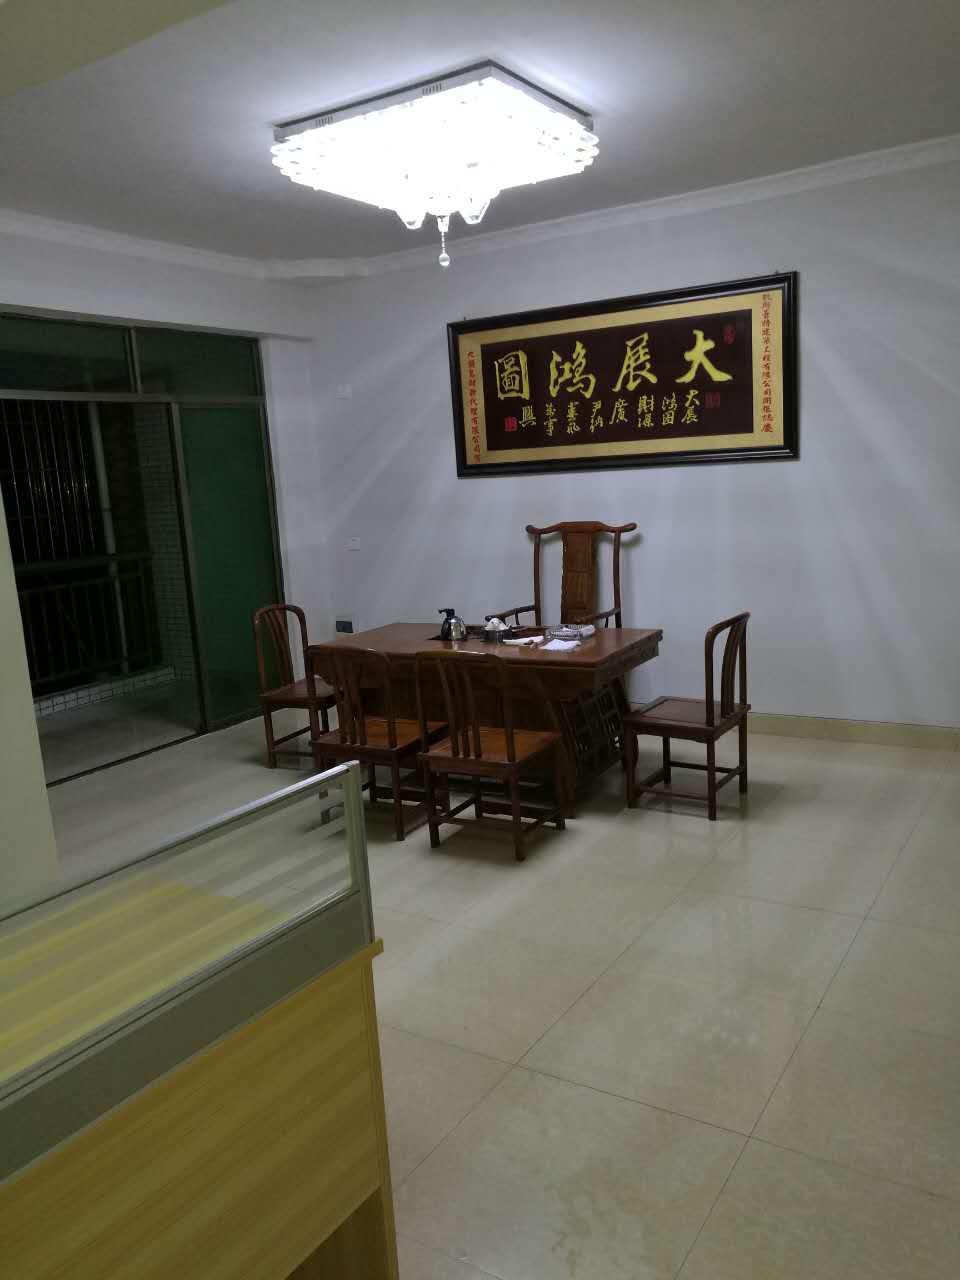 深圳公明楼村小产权三房110平米58万,户型方正实用 三房二厅 第10张